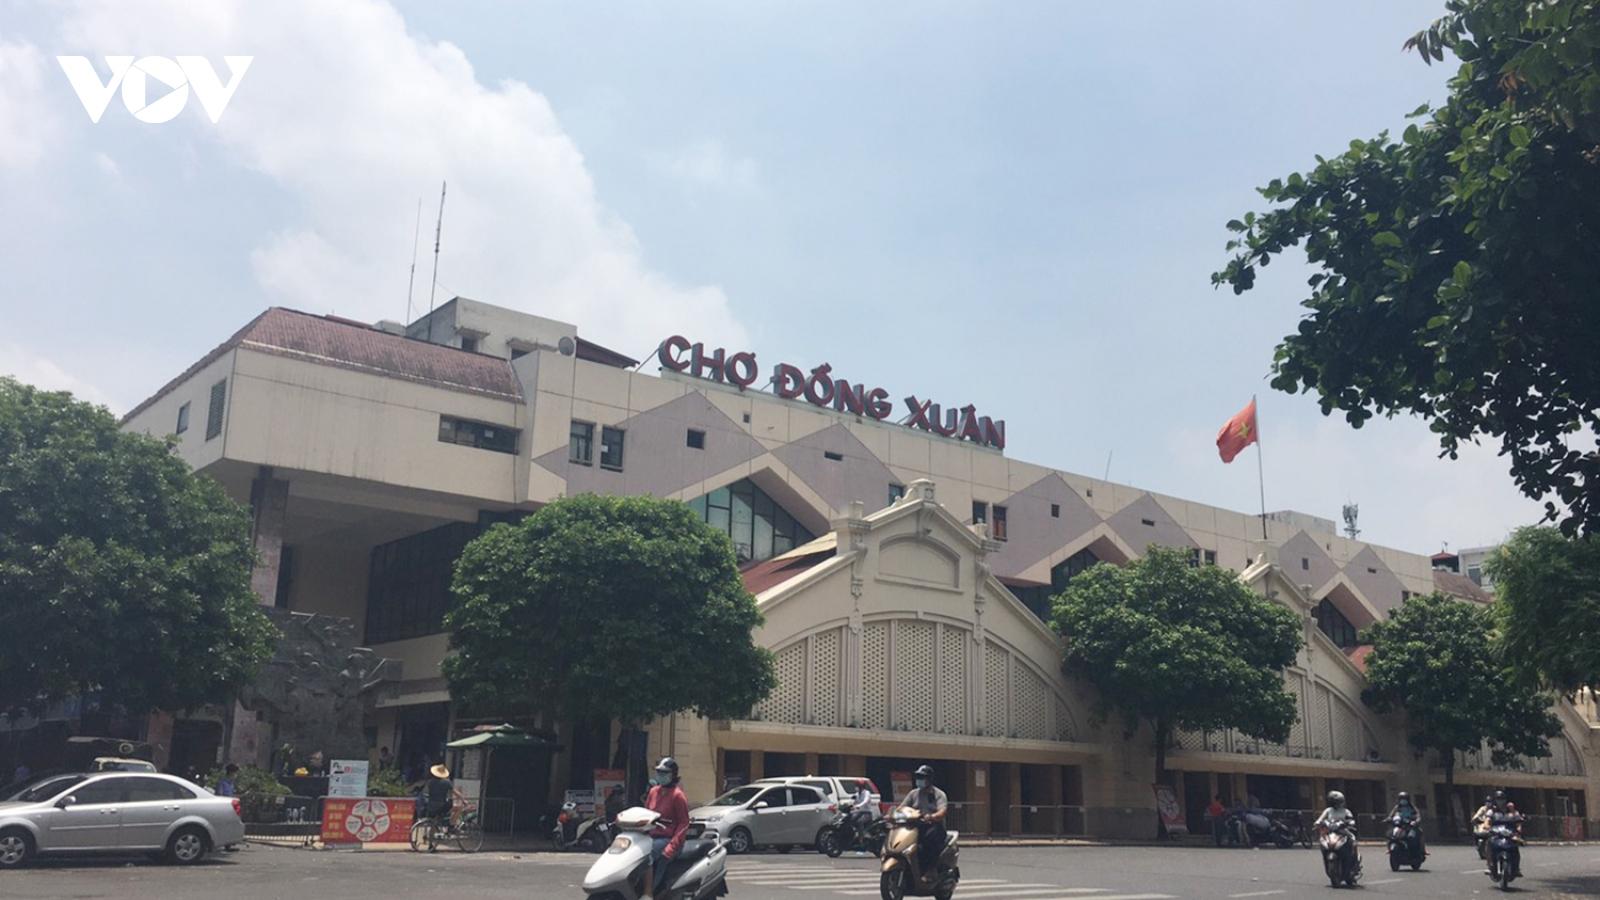 Chợ Đồng Xuân đìu hiu, hơn 2.000 gian hàng không thiết yếu đóng cửa vì dịch